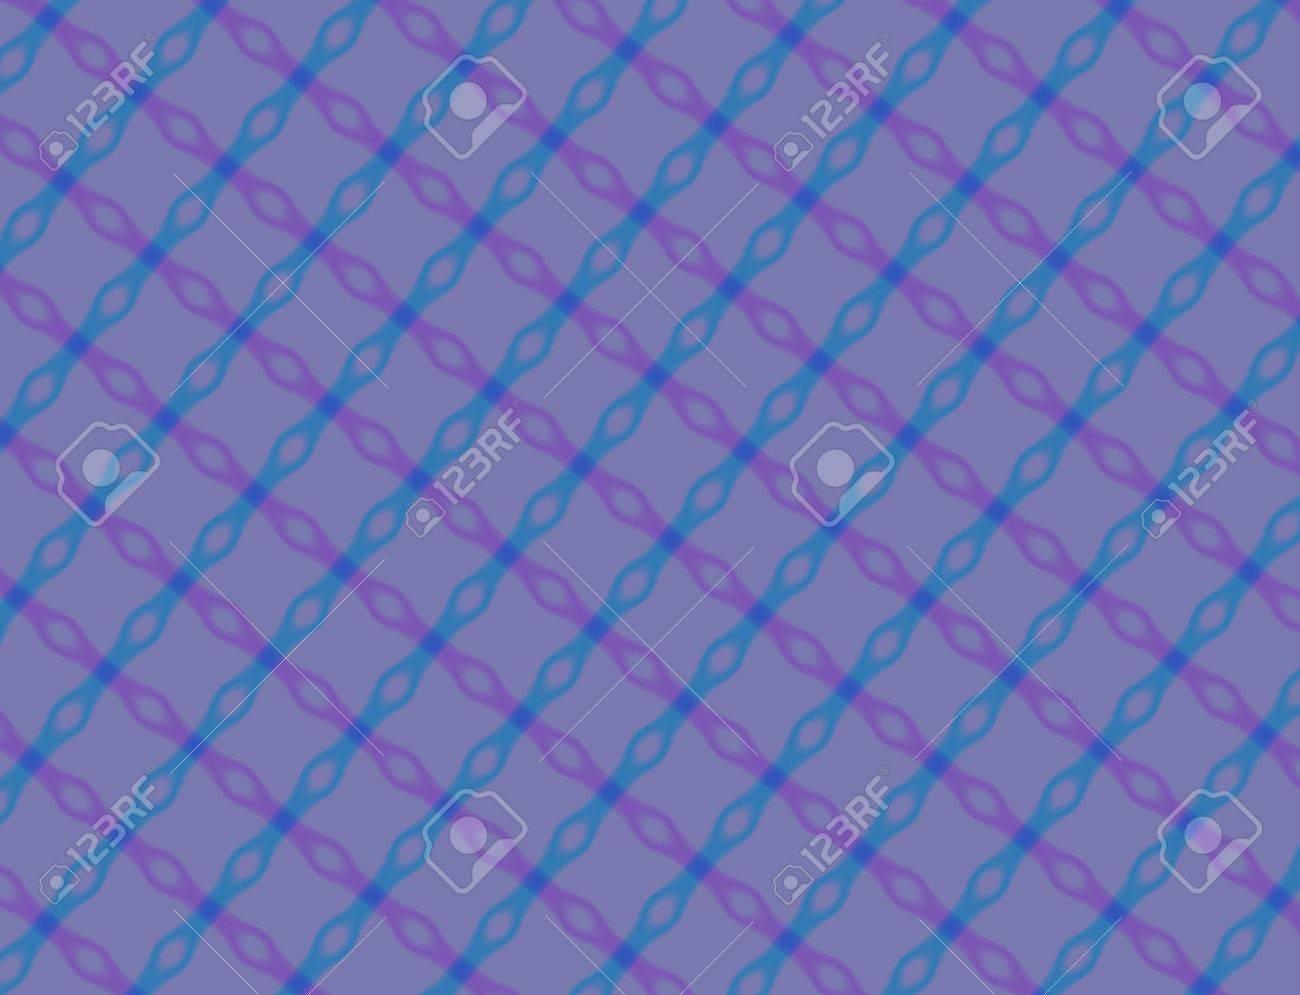 Fractal Background Approprie Pour Cartes De Visite Et Danniversaire